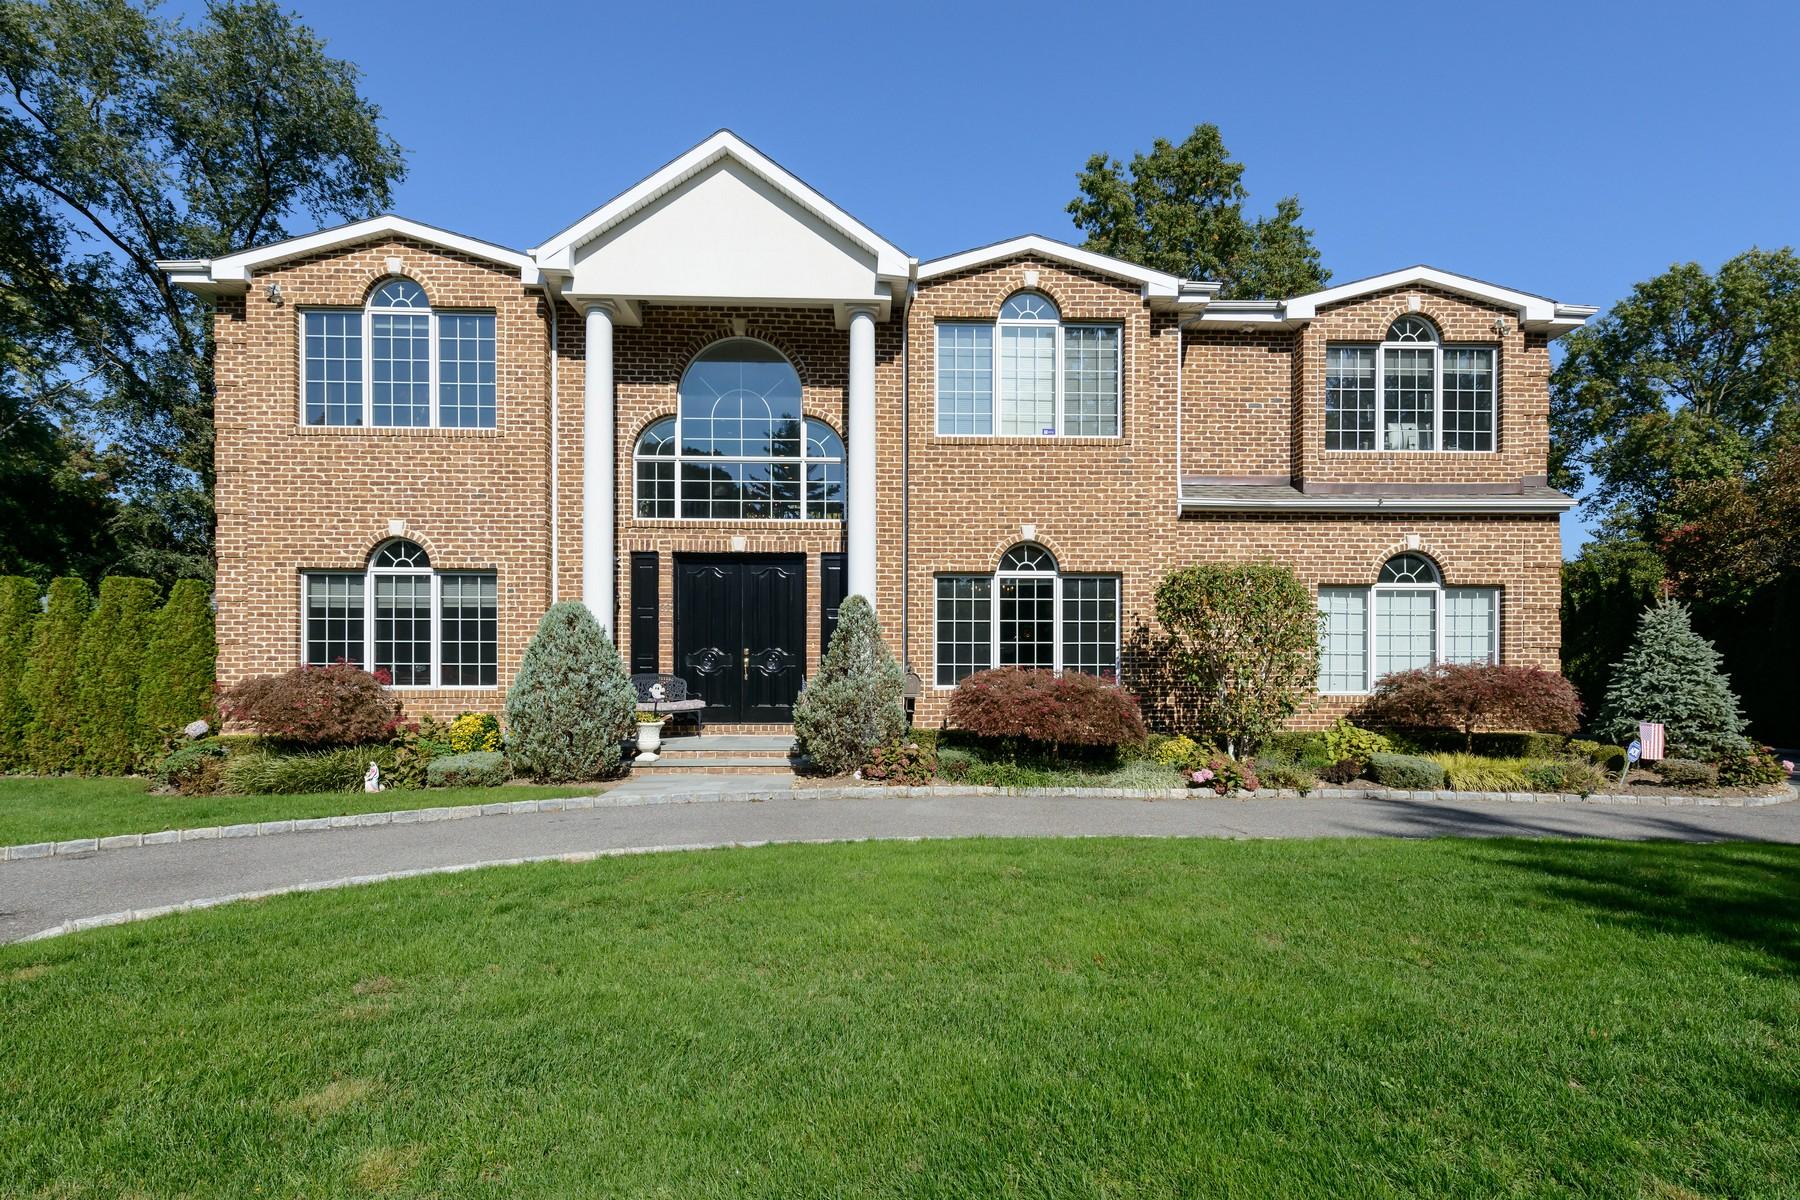 独户住宅 为 销售 在 Colonial 39 Pebble Ln 罗斯林高地, 纽约州, 11577 美国